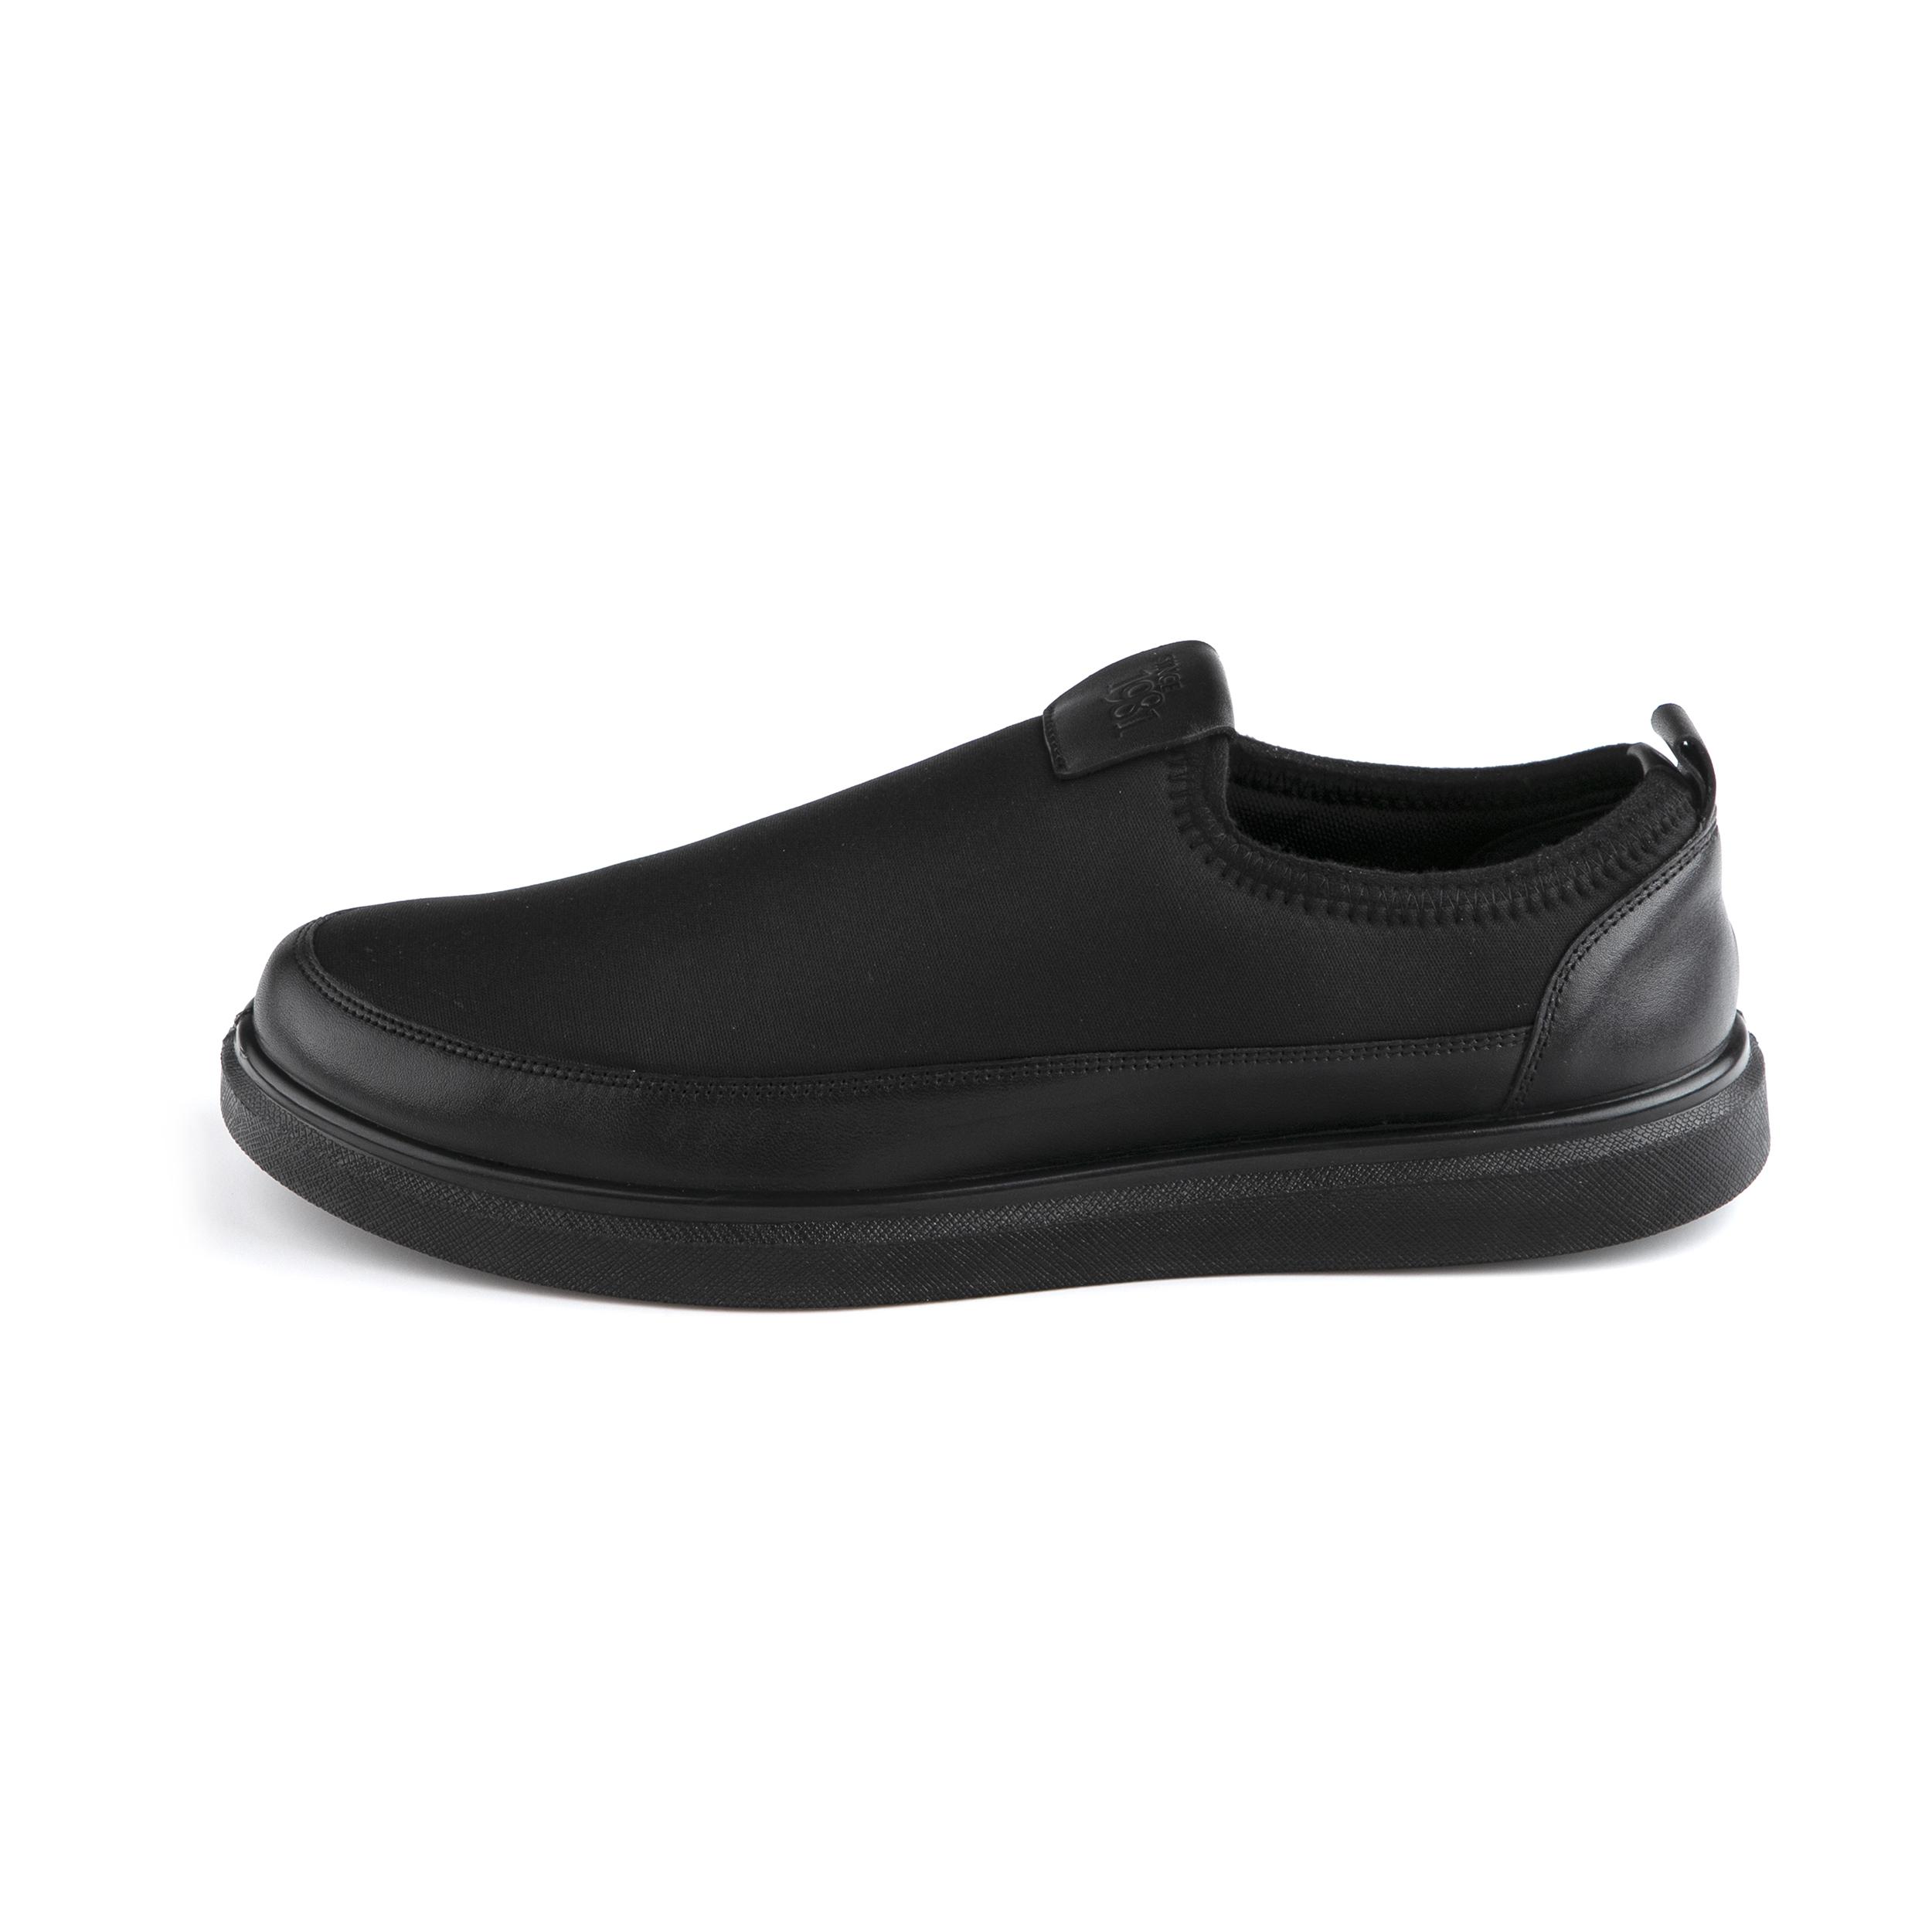 کفش روزمره مردانه دنیلی مدل Ariom-206110526026